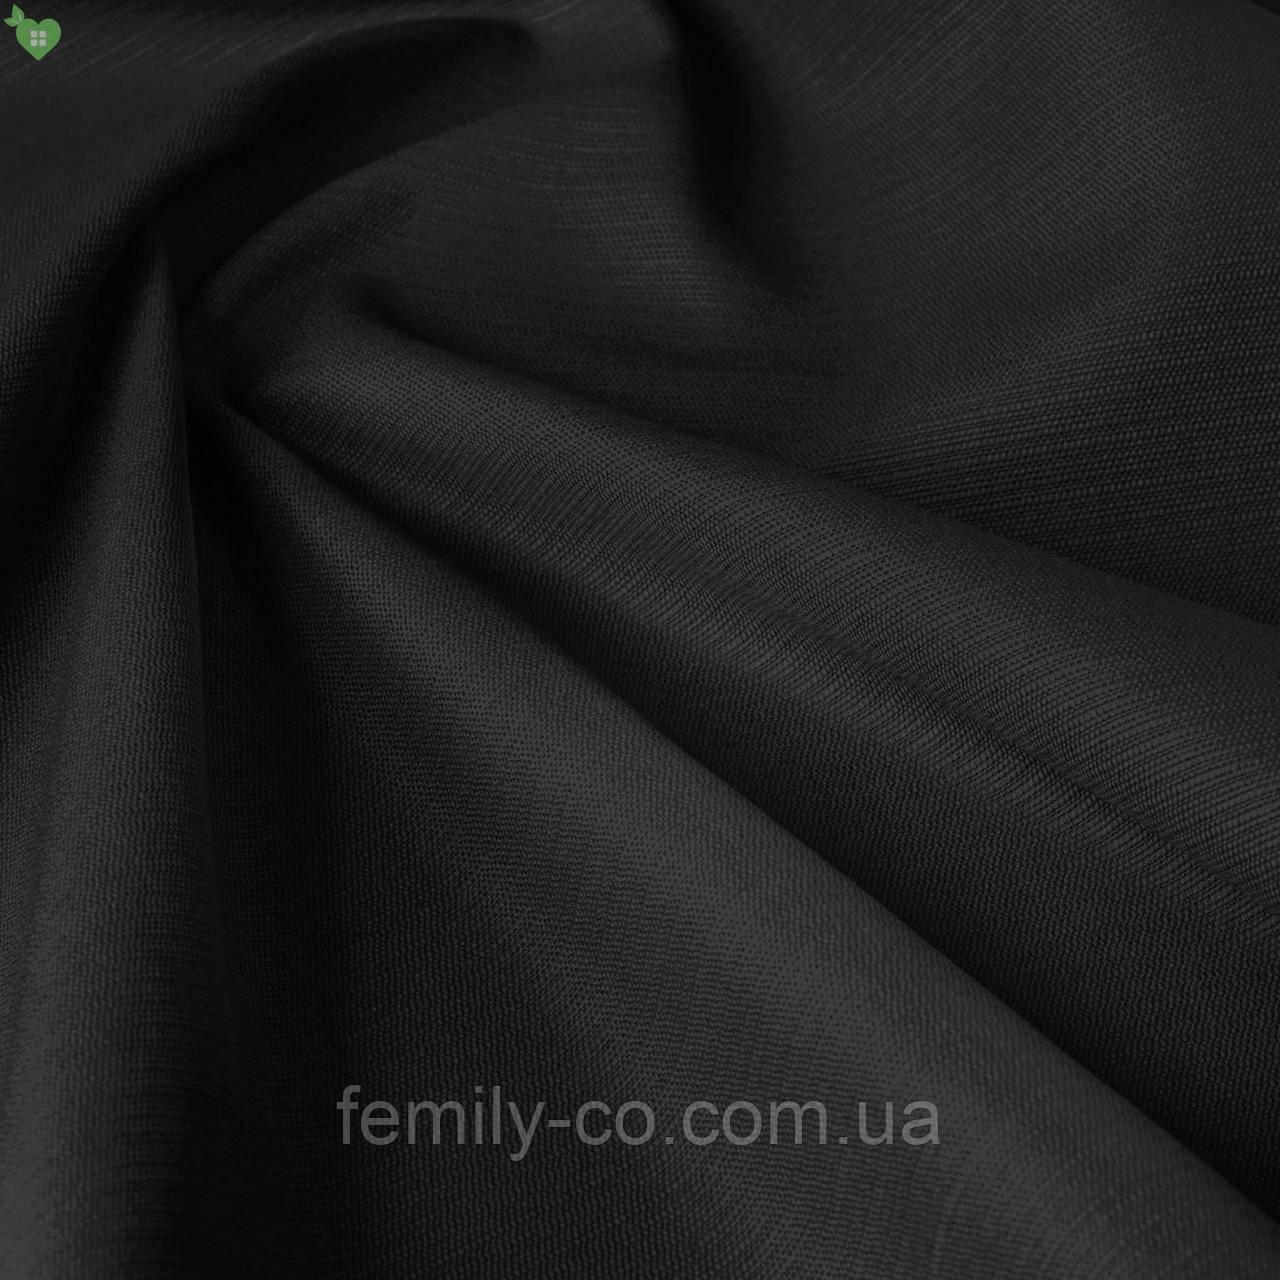 Уличная ткань фактурная черного цвета для садовой мебели 84266v16